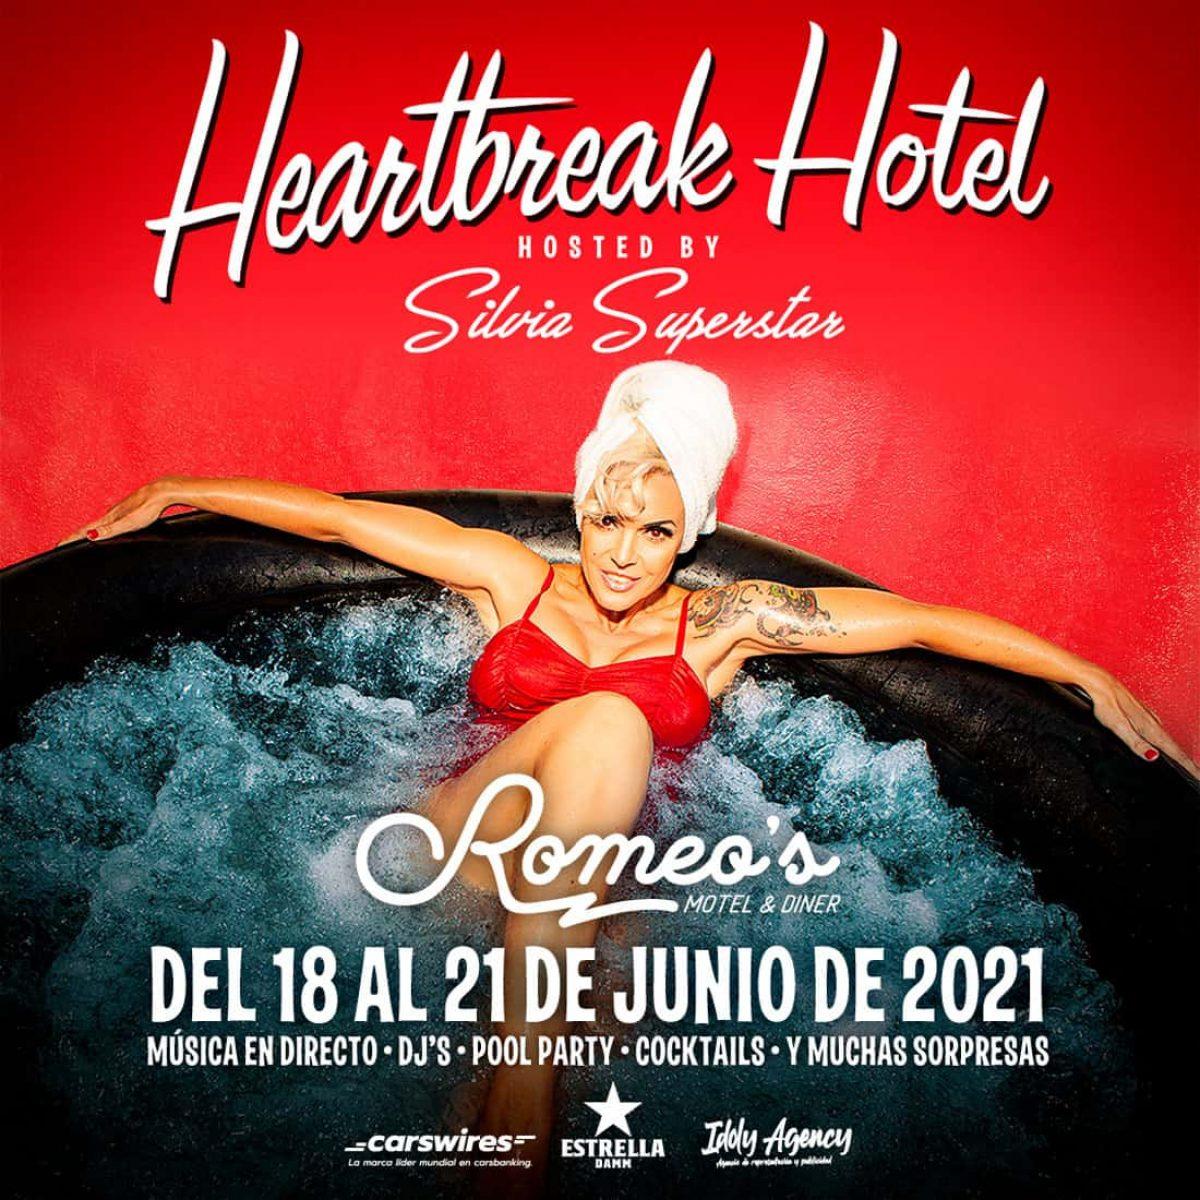 heartbreak-hotel-silvia-superstar-romeo-ibiza-2021-welcometoibiza